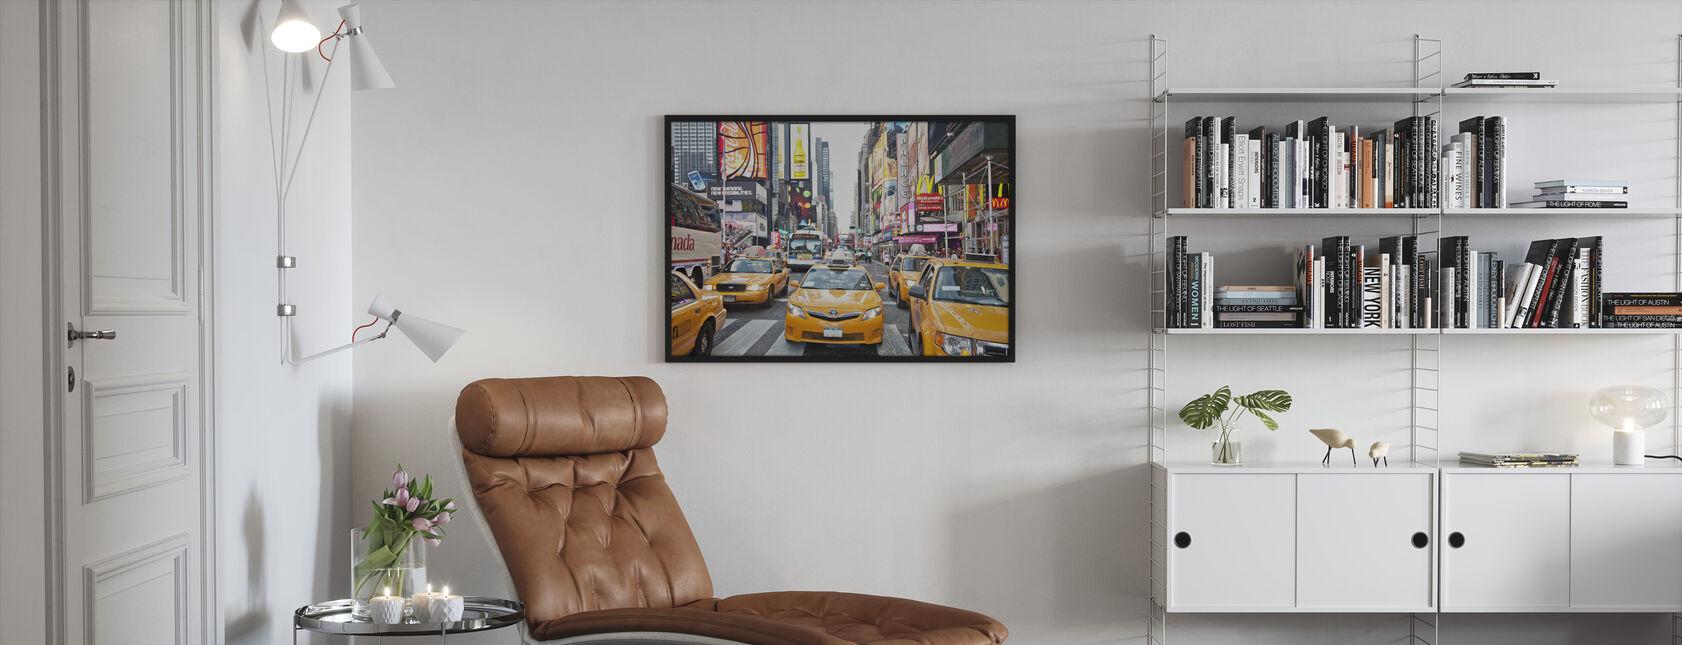 Førerhuse og kapitalisme, New York - Indrammet billede - Stue